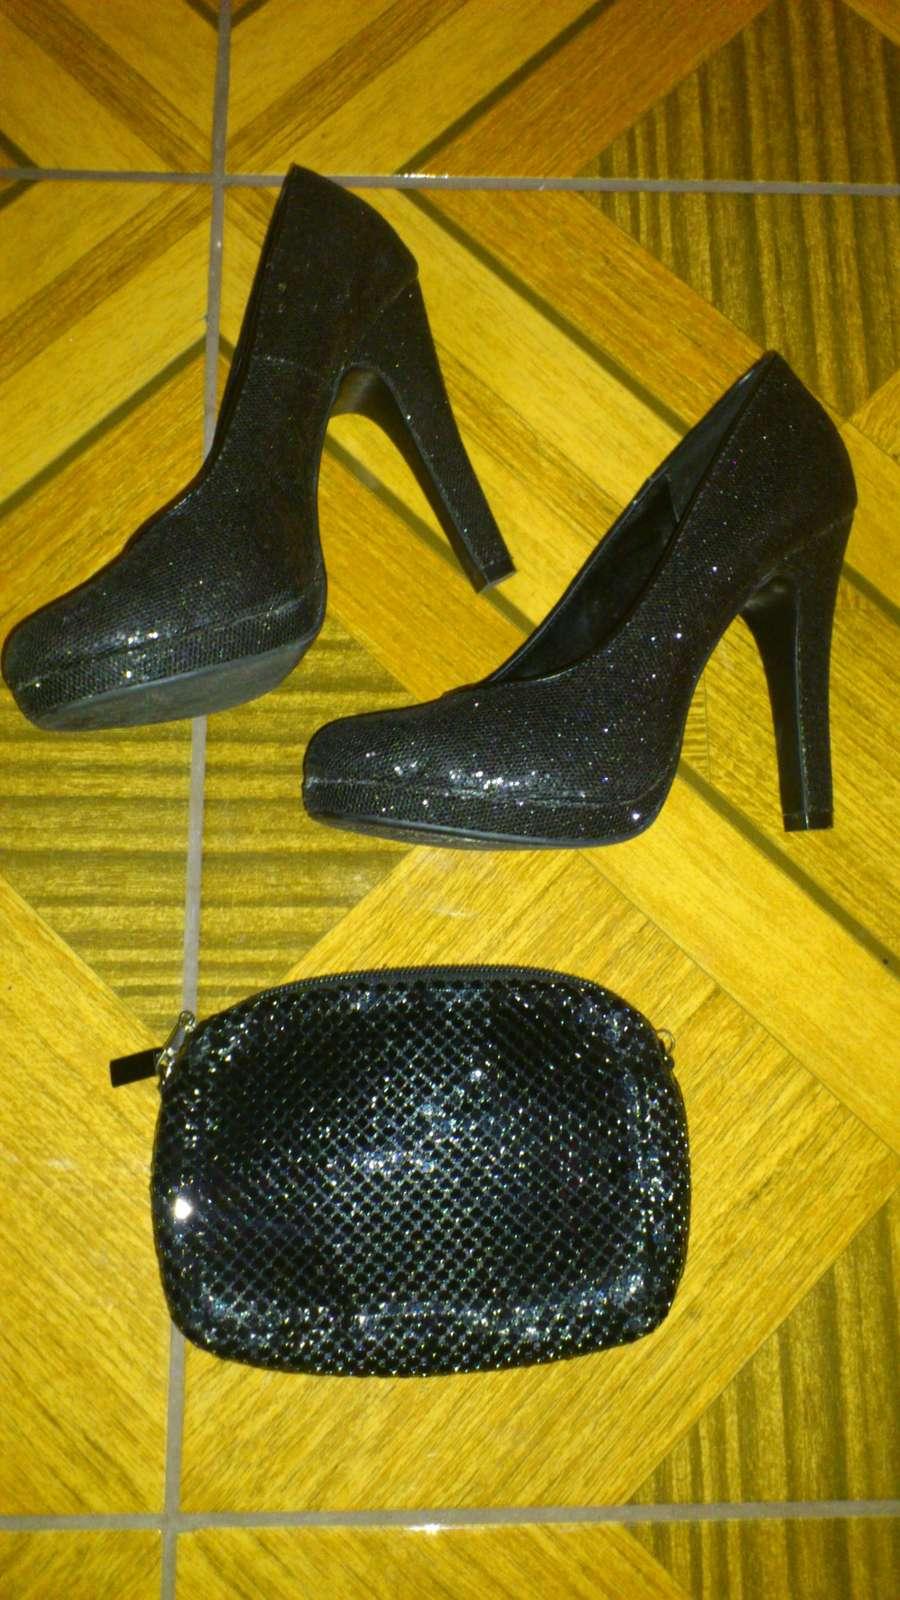 Topánky a kabelka - Obrázok č. 1